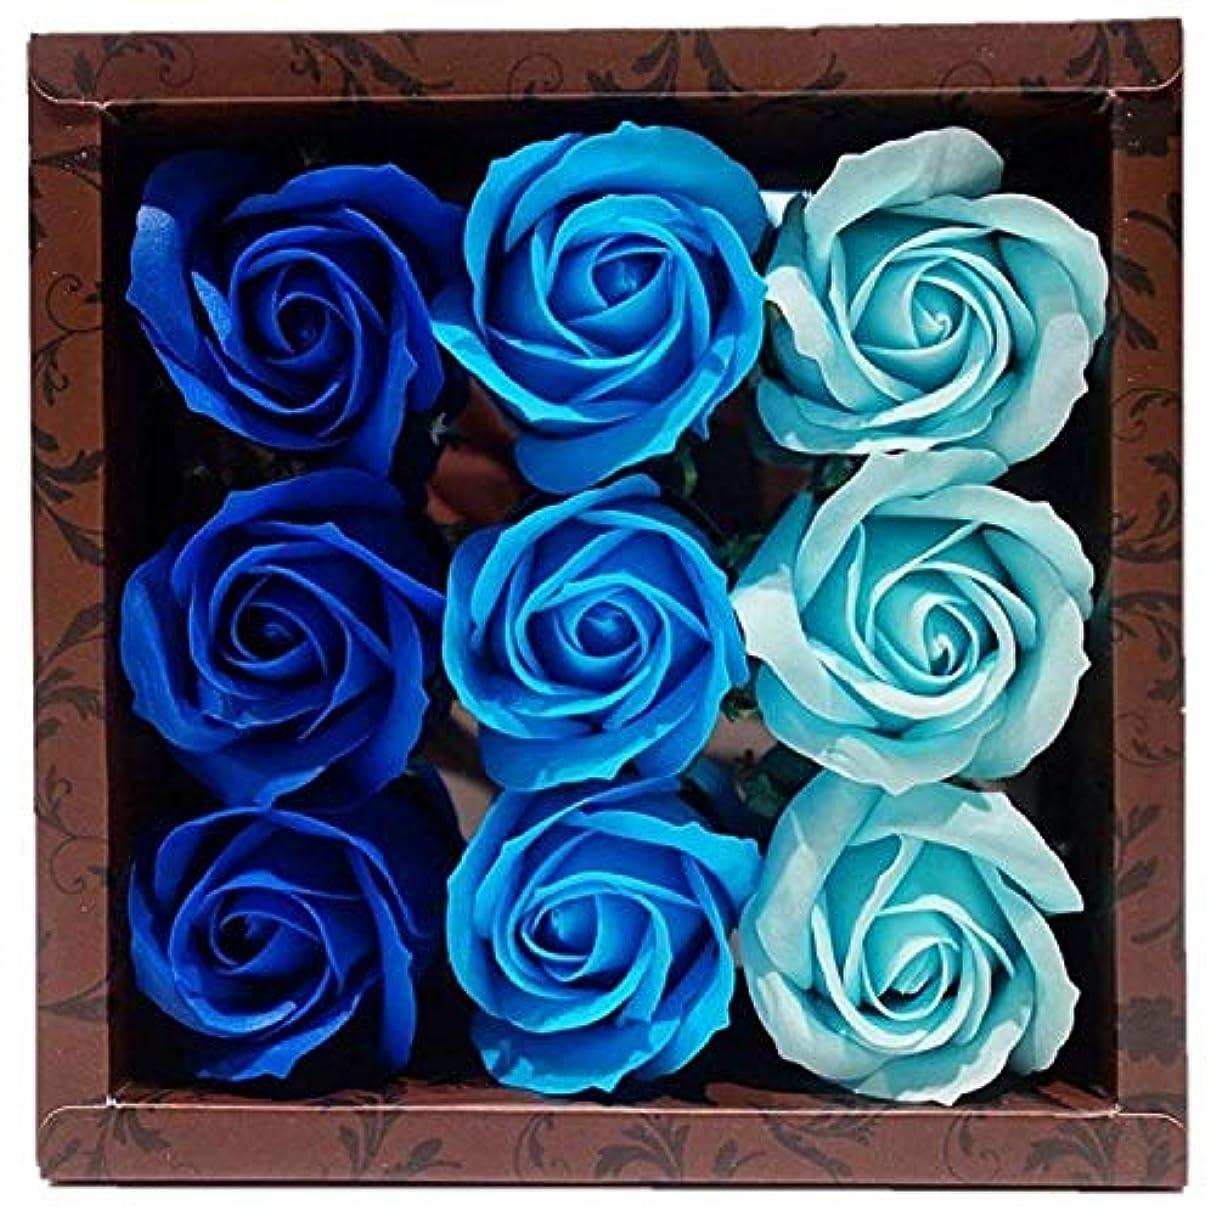 計画的芸術的資本バスフレグランス バスフラワー ローズフレグランス ブルーカラー ギフト お花の形の入浴剤 ばら